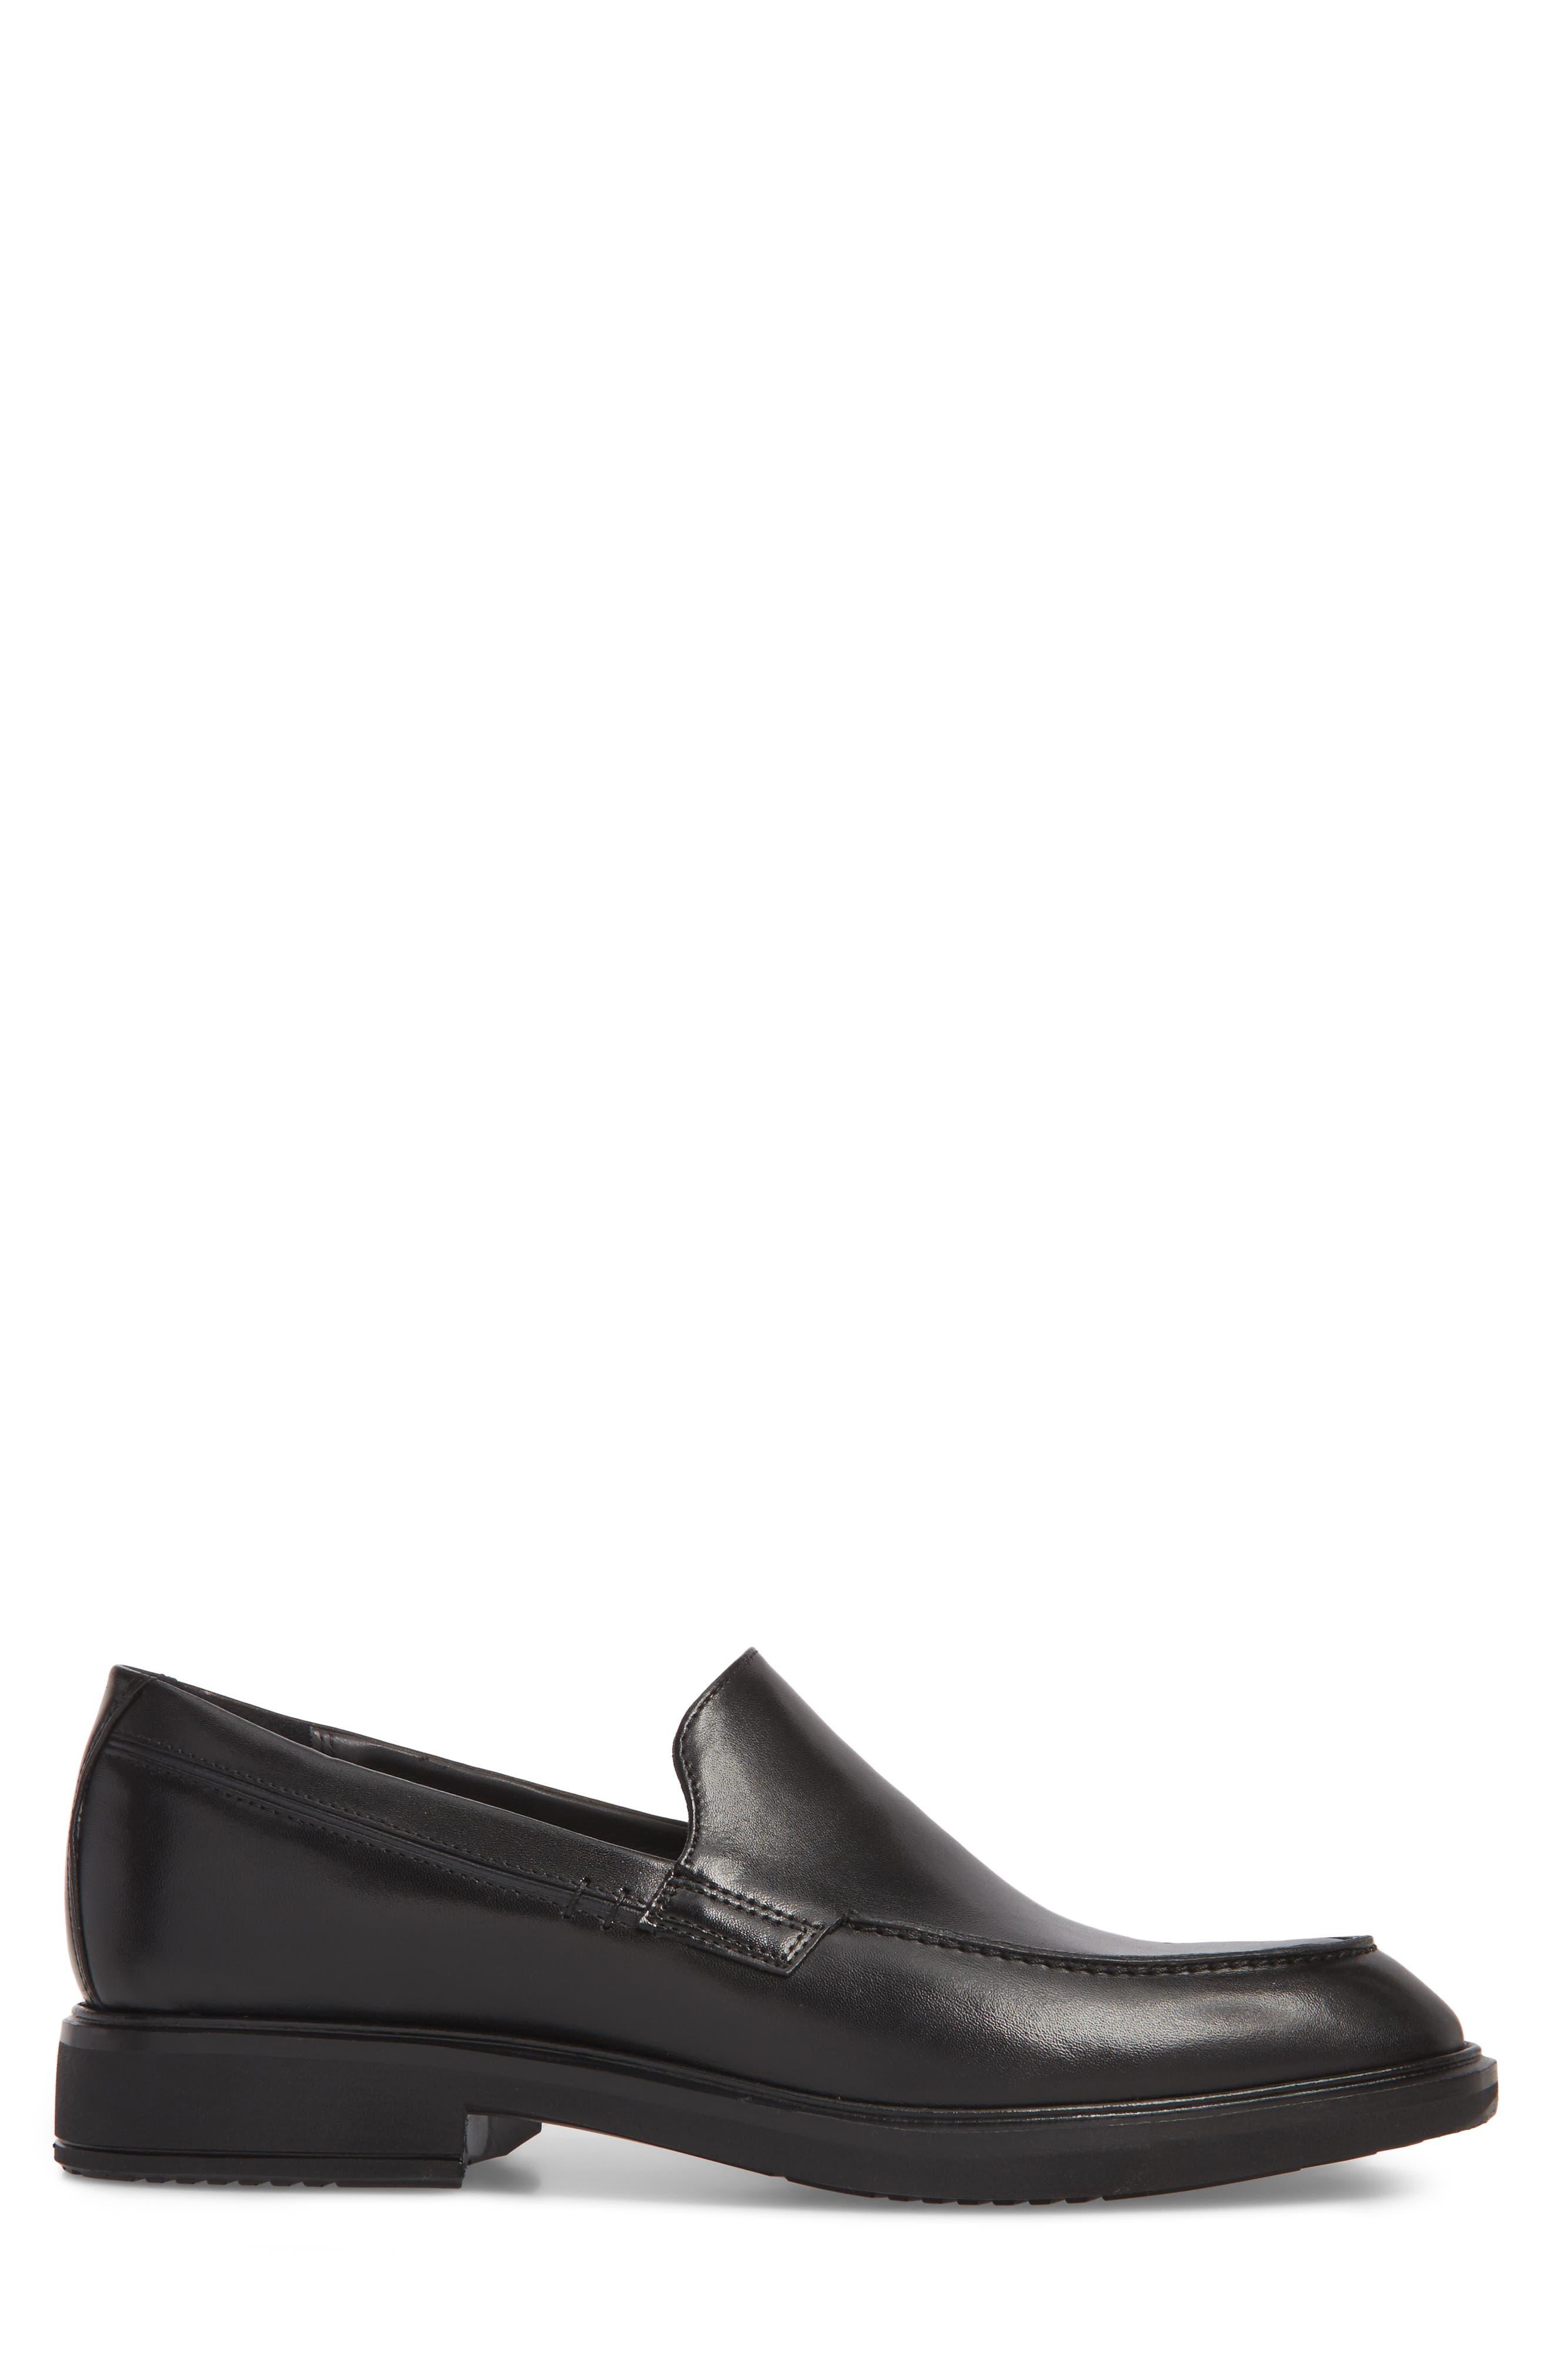 Vitrus II Apron Toe Loafer,                             Alternate thumbnail 3, color,                             Black Leather